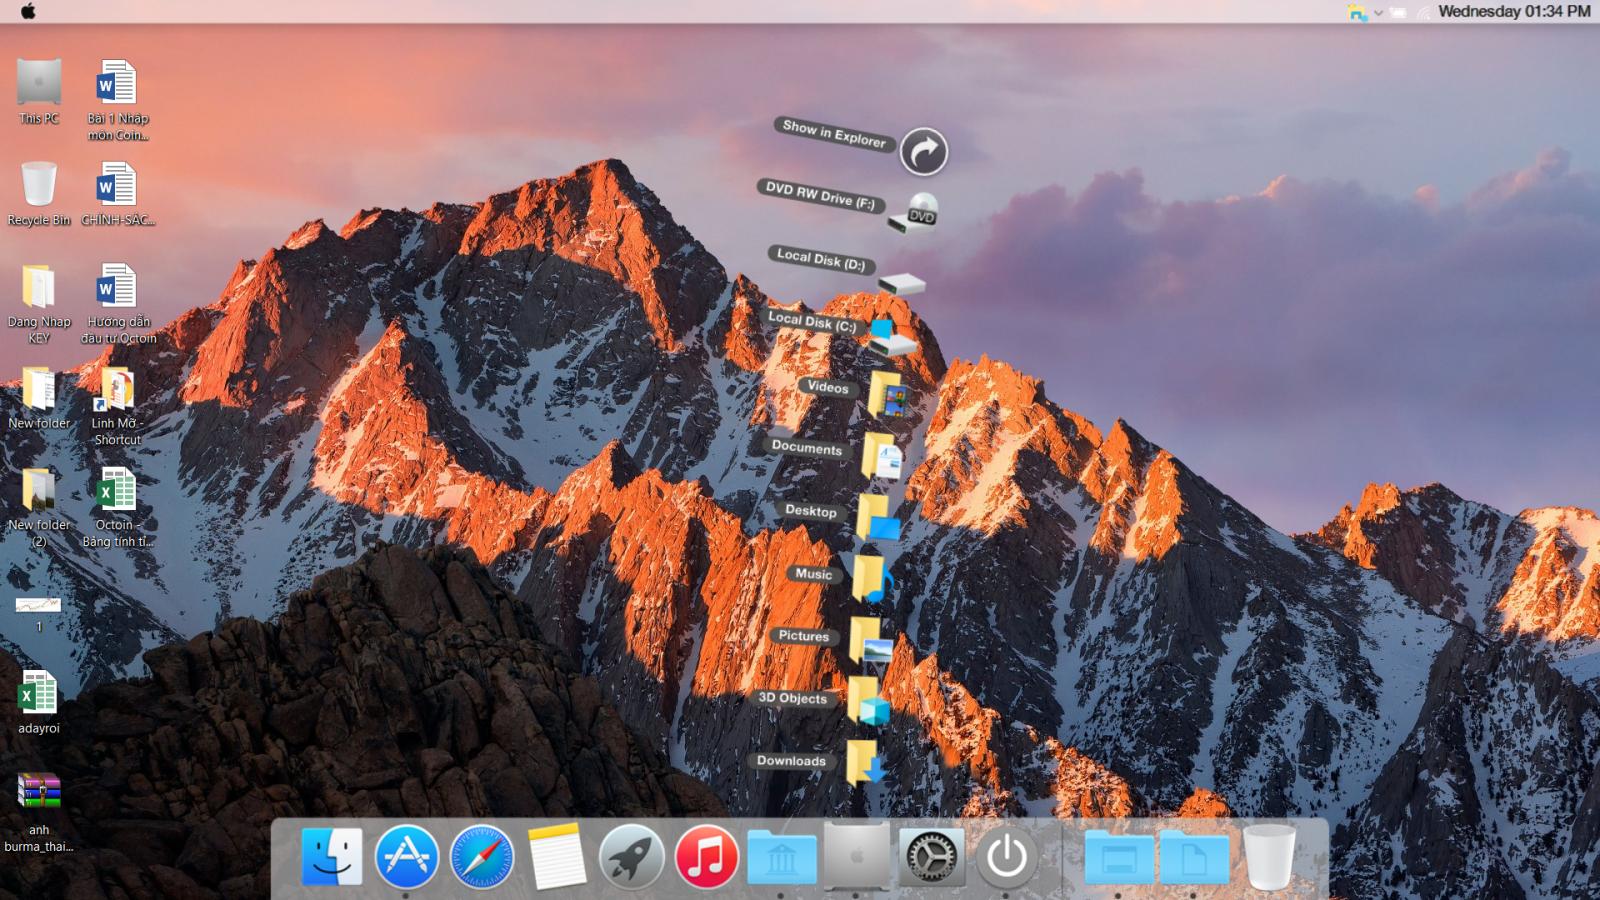 Biến Windows 10 thành macOS X chỉ với 1 click chuột